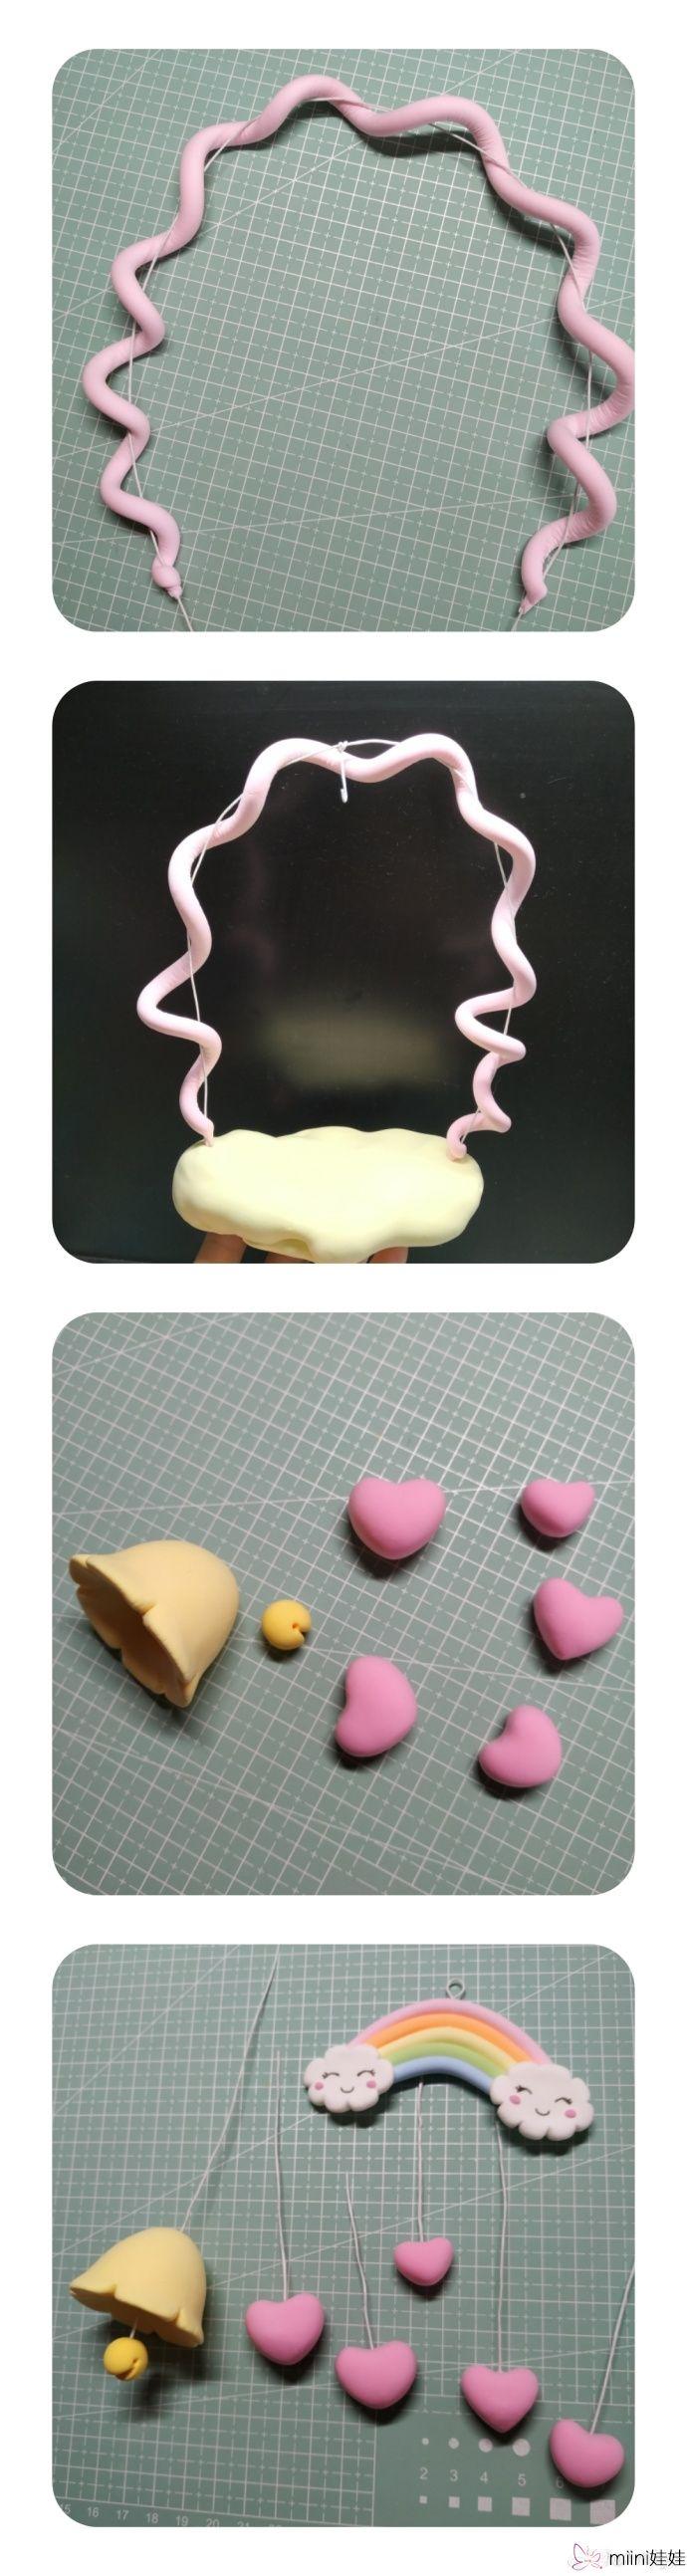 创意独角兽粘土挂饰手办做法